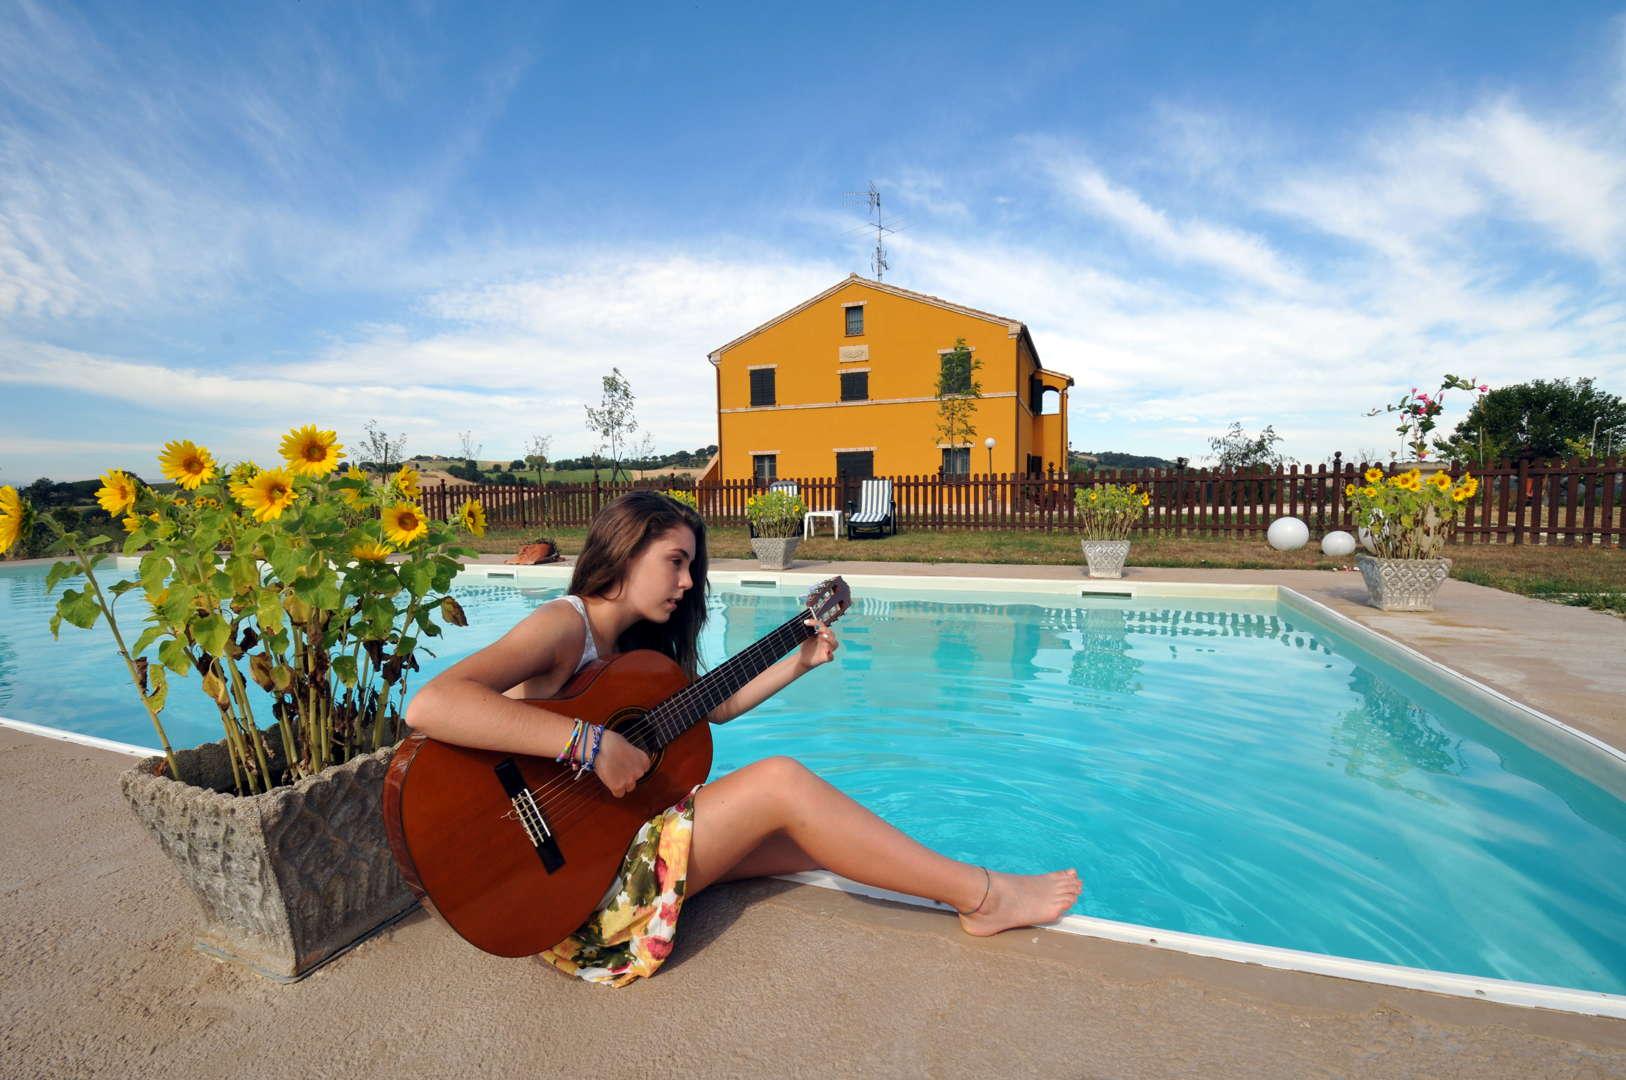 Contry house con piscina marche recanati macerata - Piscina villa primavera udine prezzi ...